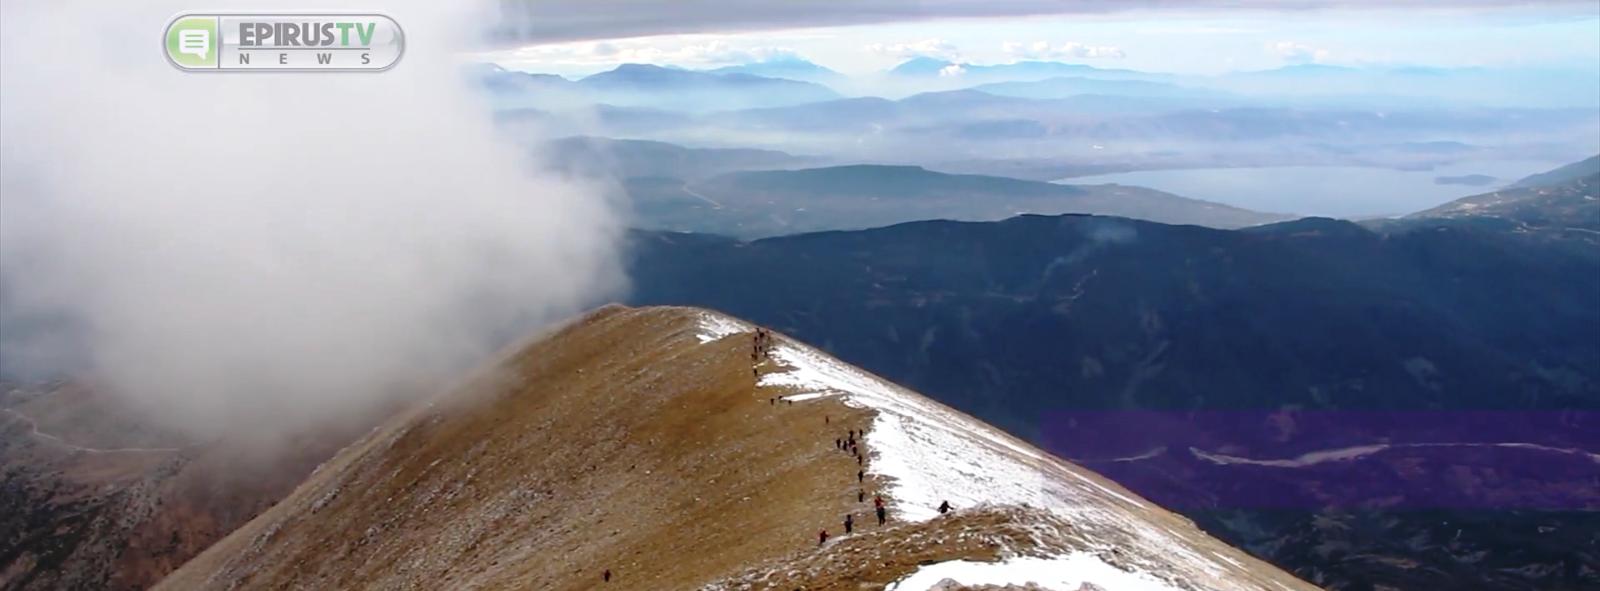 Ιωάννινα: Στην κορυφή της Γκουράσας …στα 2.185 μέτρα   με τον Ορειβατικό.. Θέα που κόβει την ανάσα![βίντεο]